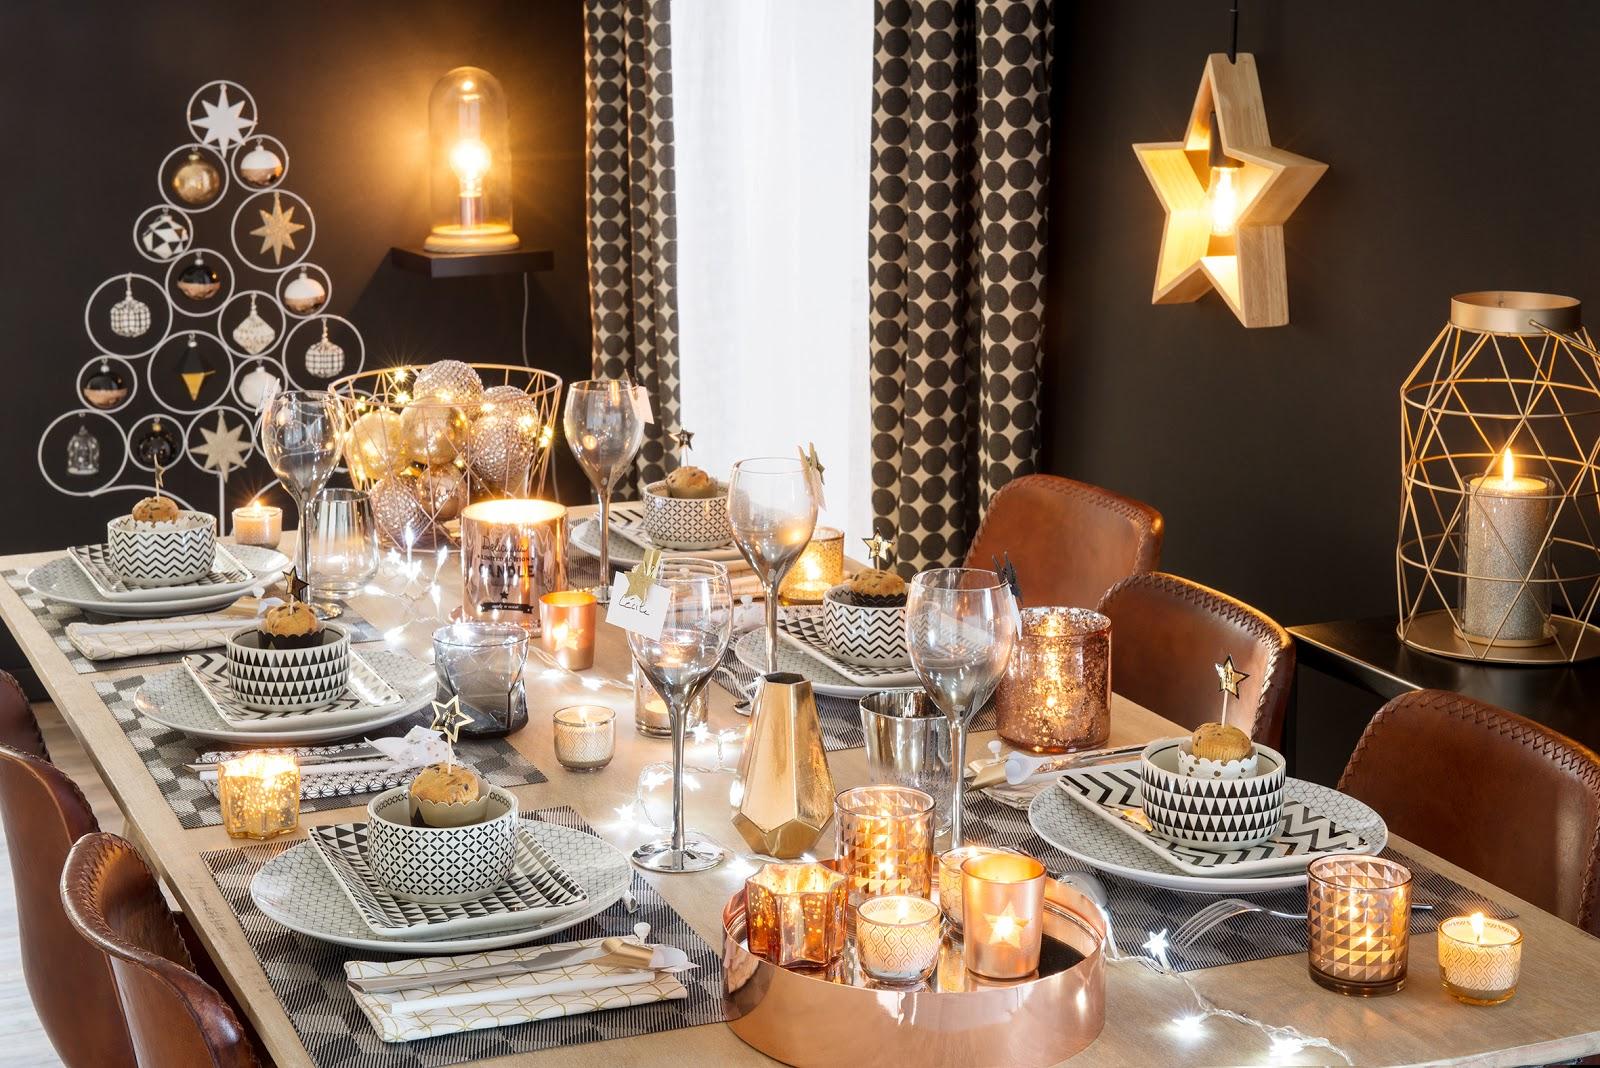 deco noel maison du monde deco noel maison monde decoration table noel maison du monde with. Black Bedroom Furniture Sets. Home Design Ideas